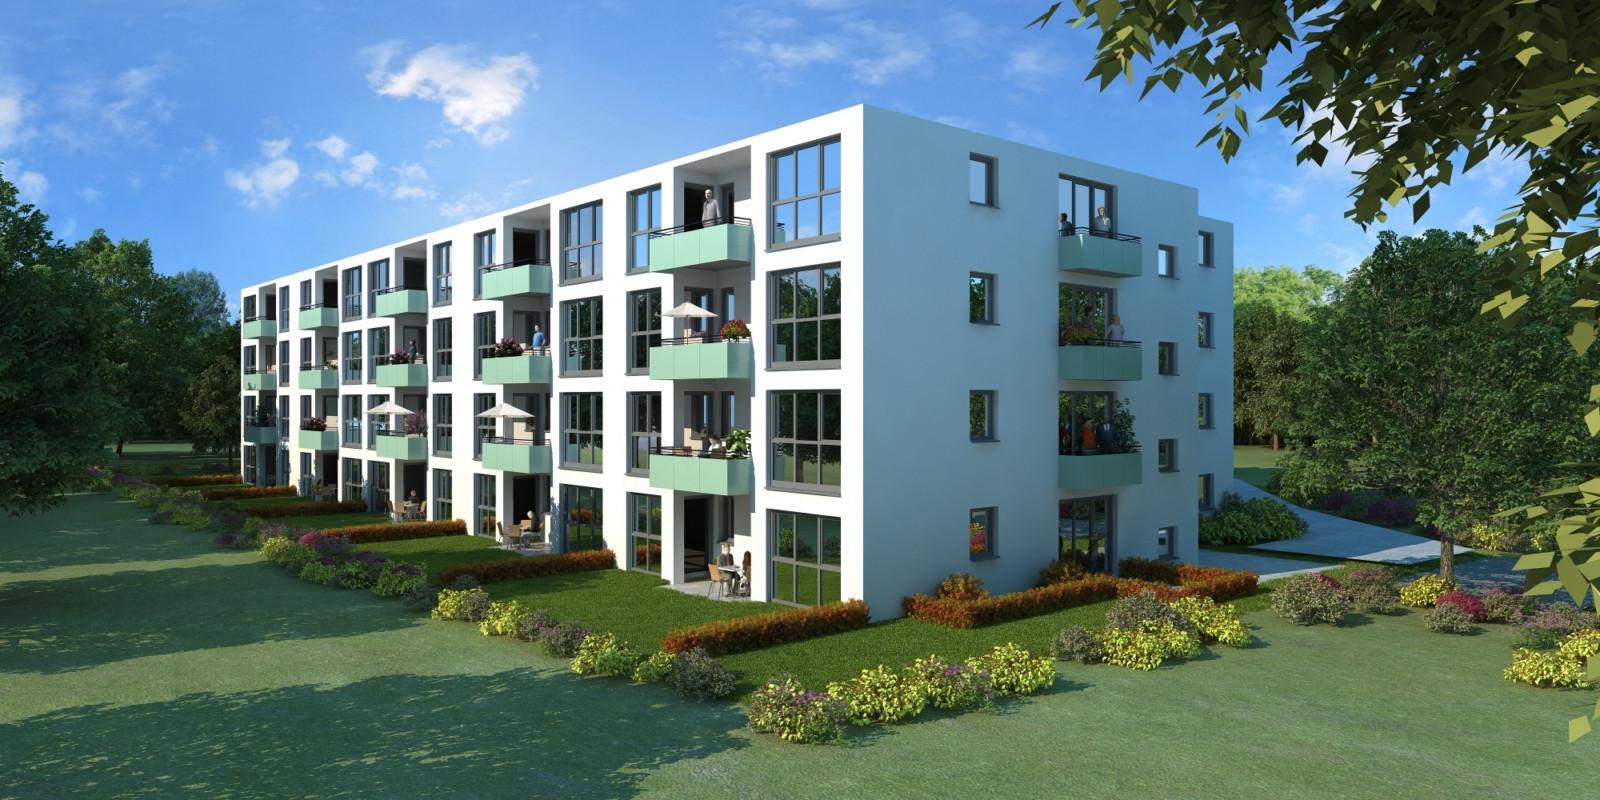 Wohnung Deggendorf Mieten